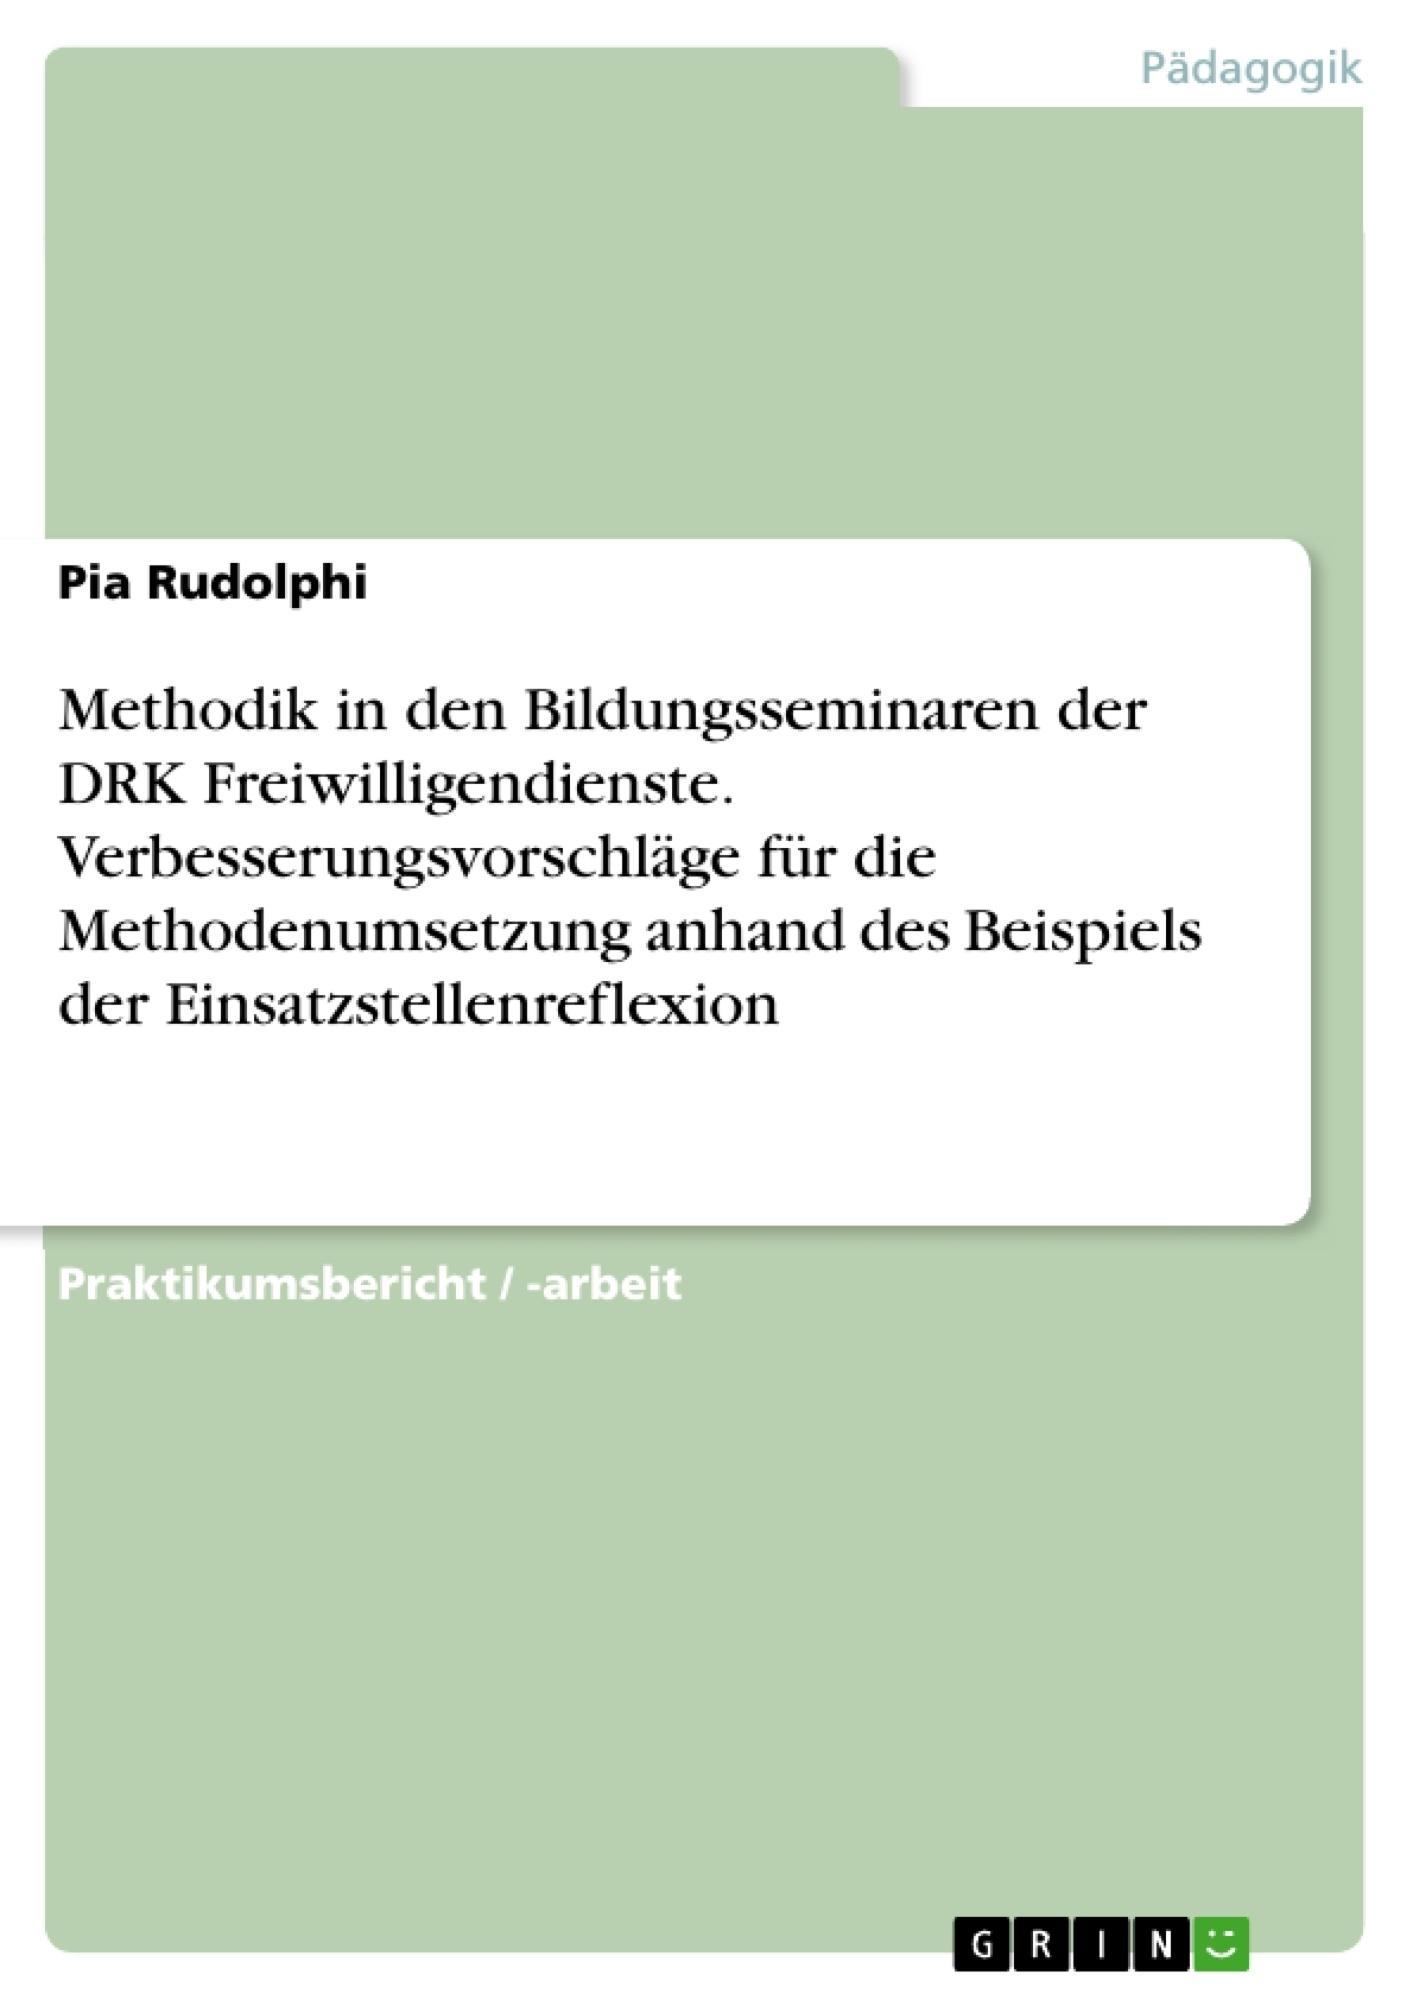 Titel: Methodik in den Bildungsseminaren der DRK Freiwilligendienste. Verbesserungsvorschläge für die Methodenumsetzung anhand des Beispiels der Einsatzstellenreflexion